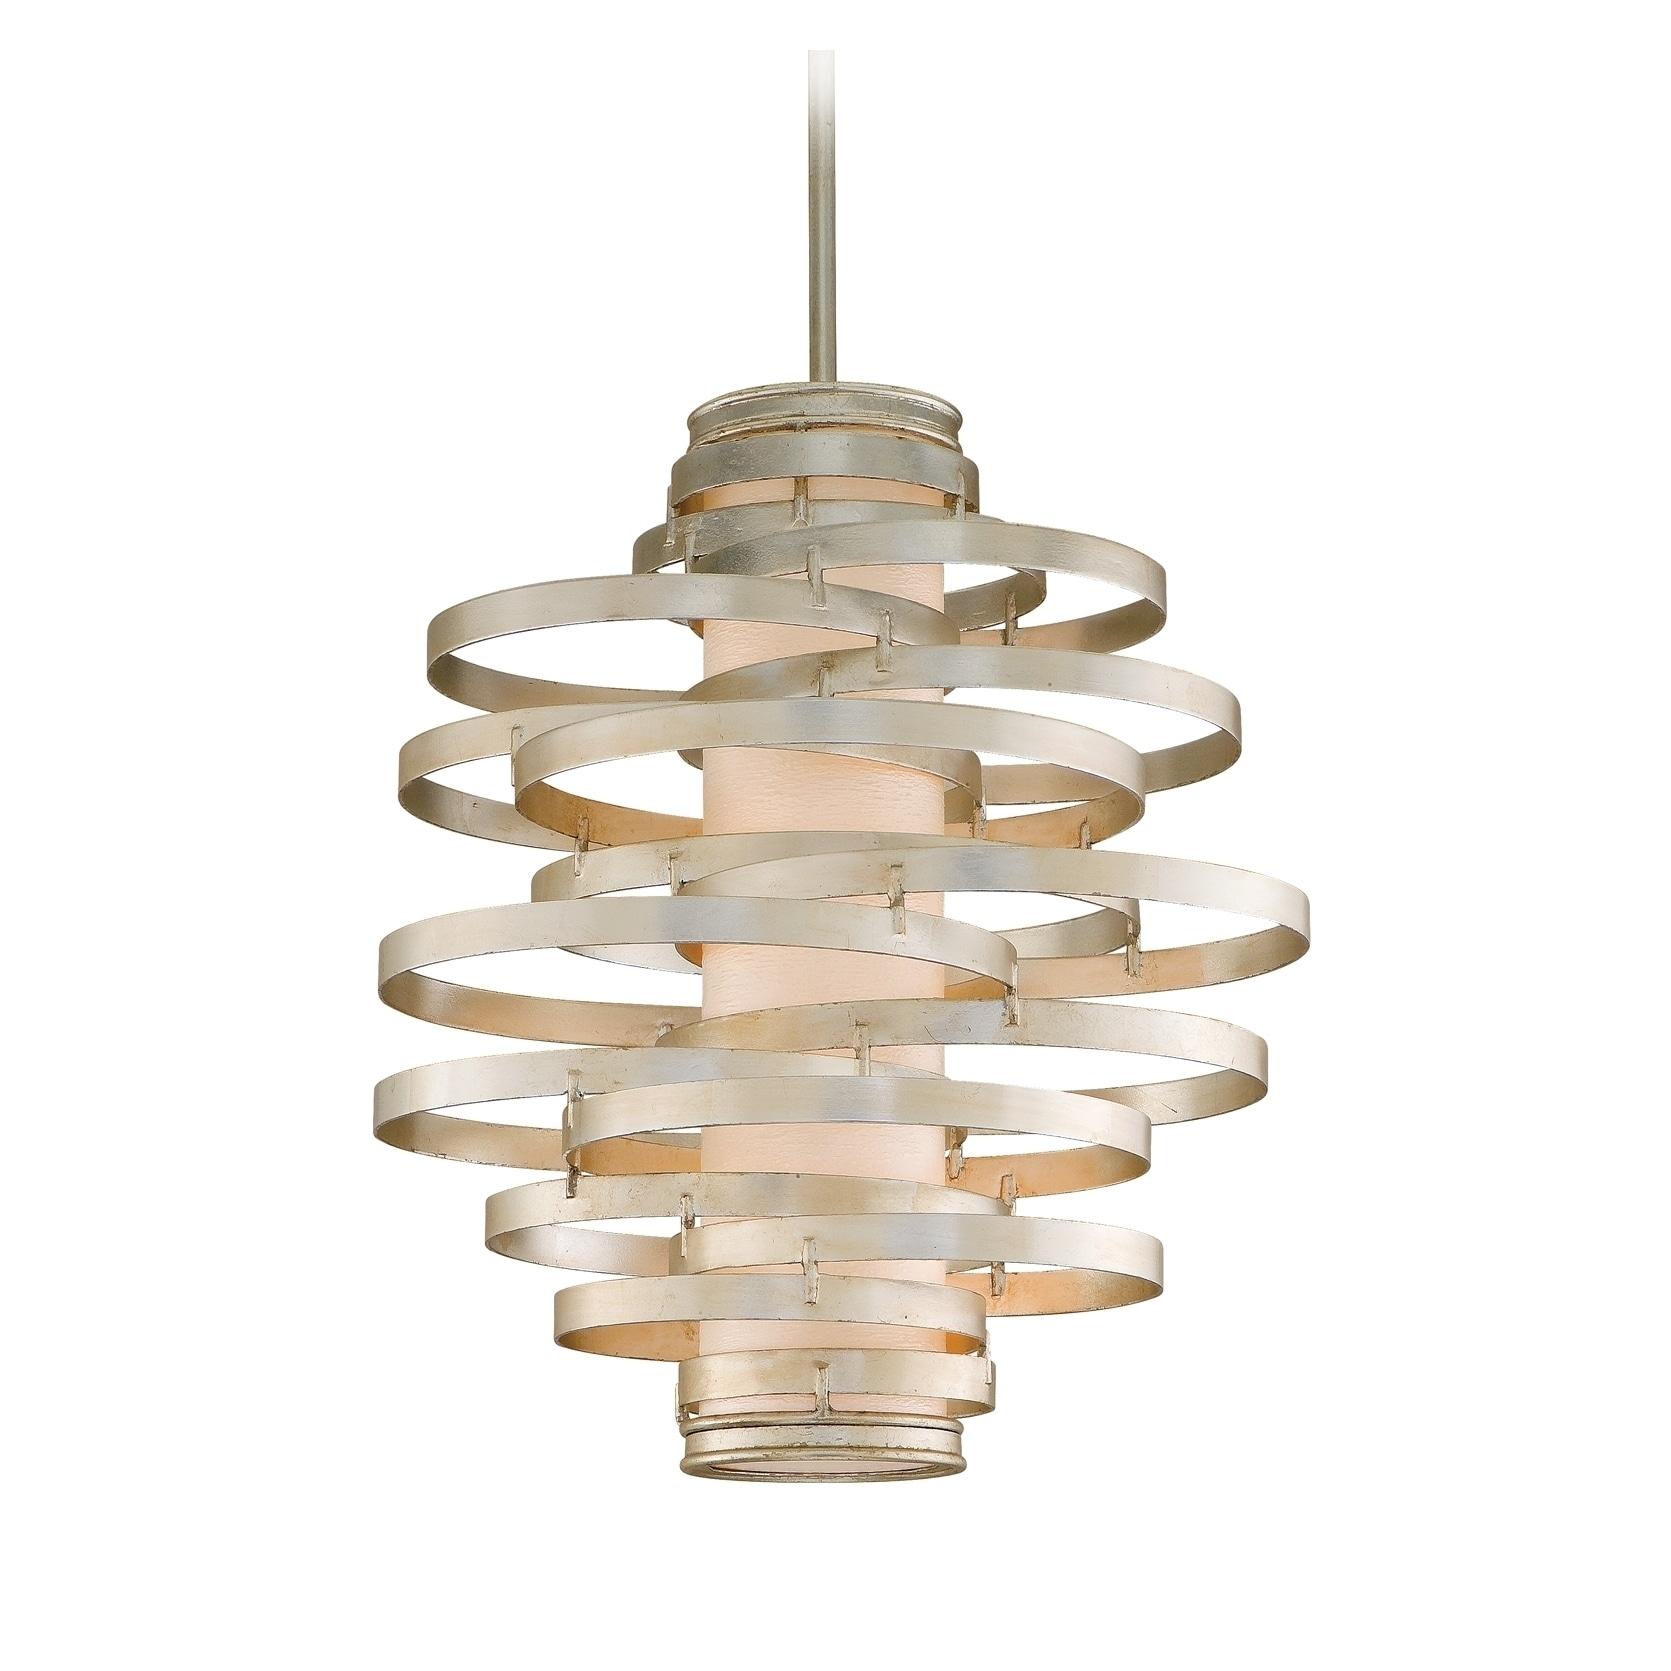 Corbett Lighting Vertigo 3 Light